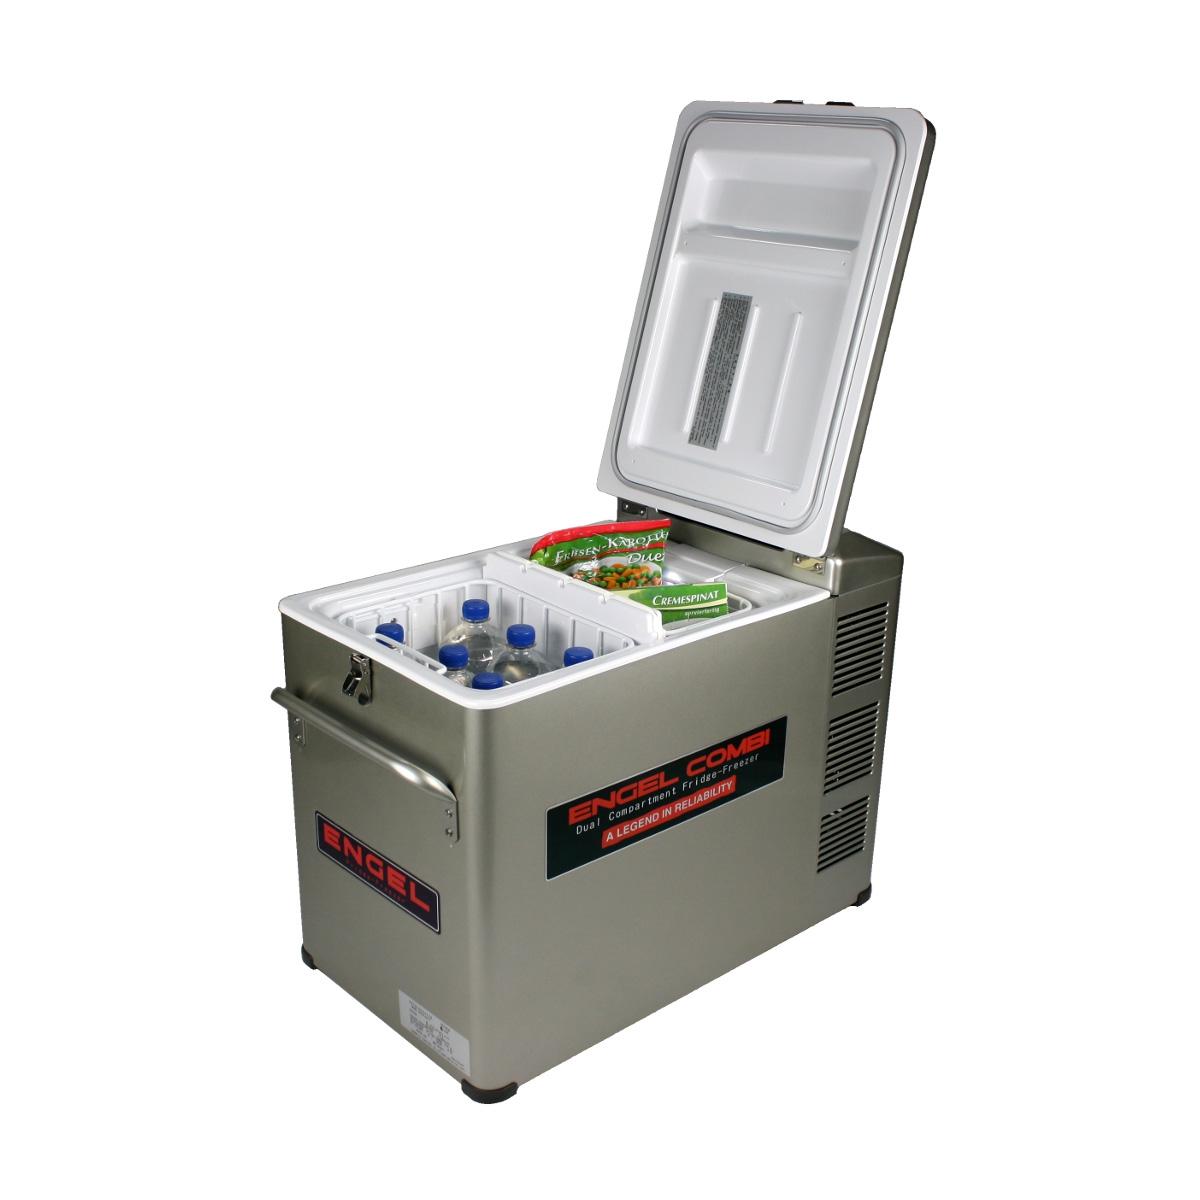 Engel Kombi-Kompressor-Kühlbox MD45F-CD-P, EEK: F